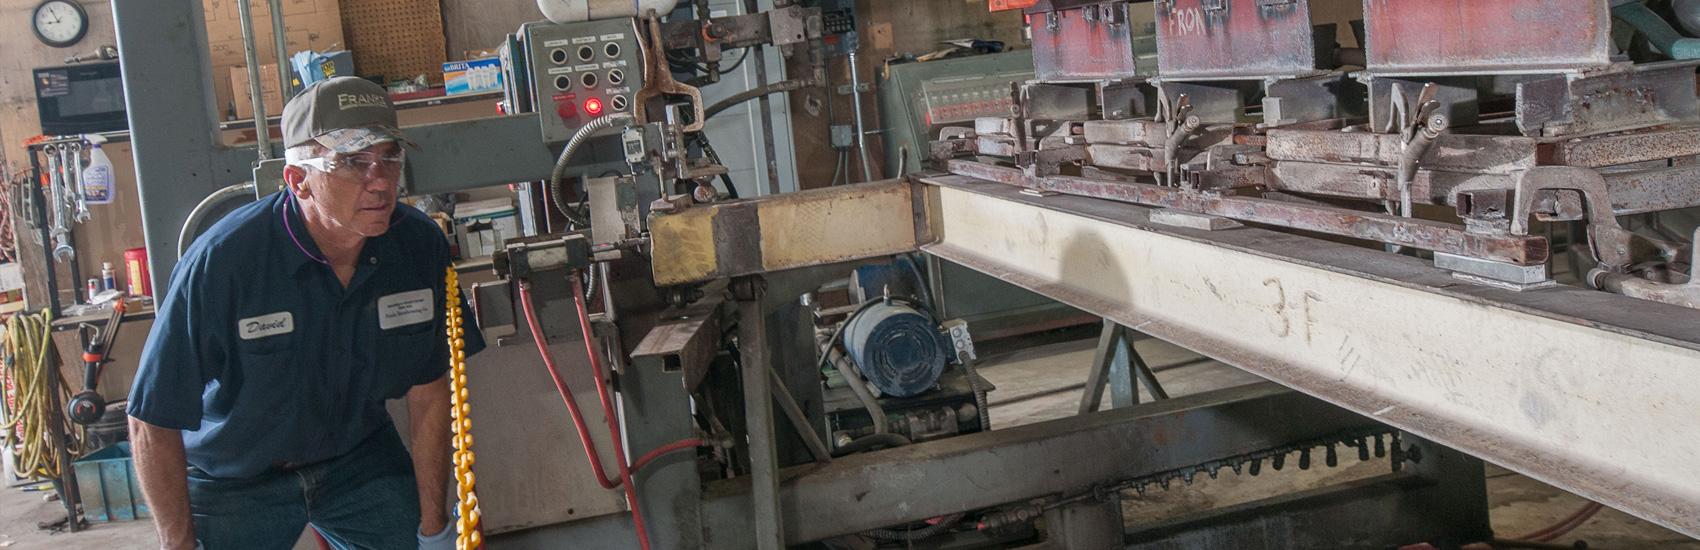 franks-manufacturing-header